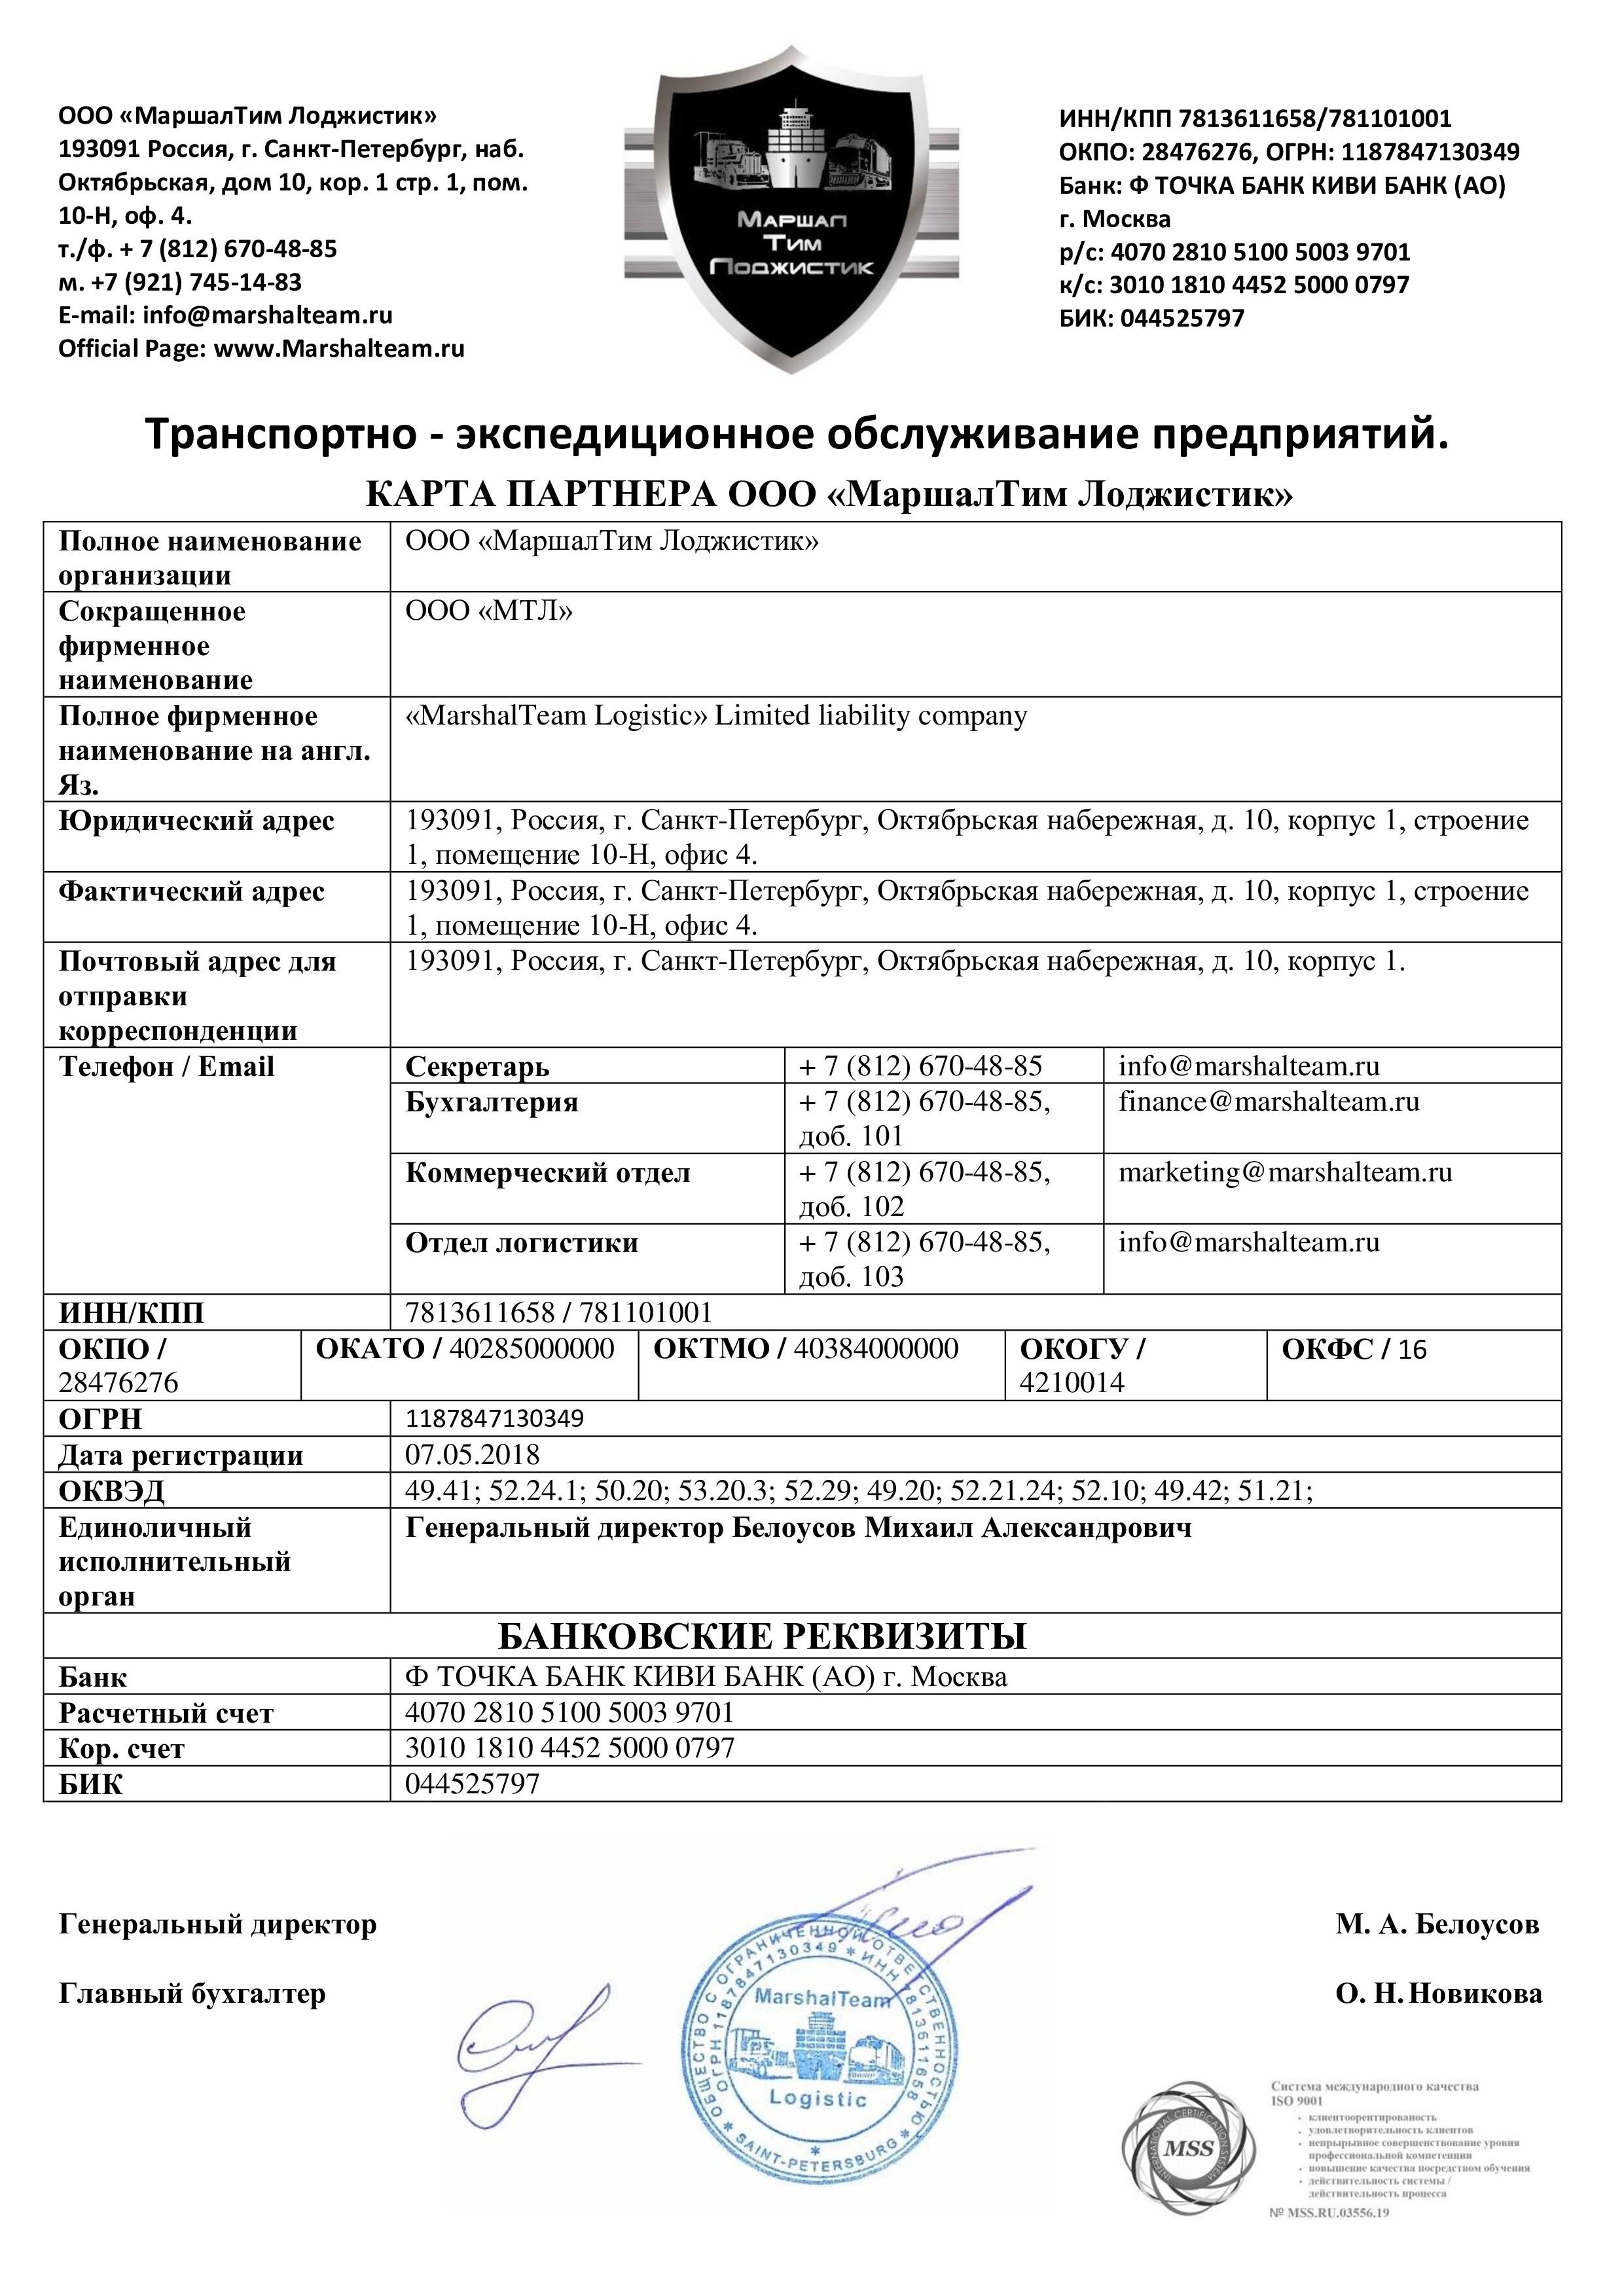 Карточка партнера ООО -МТЛ-